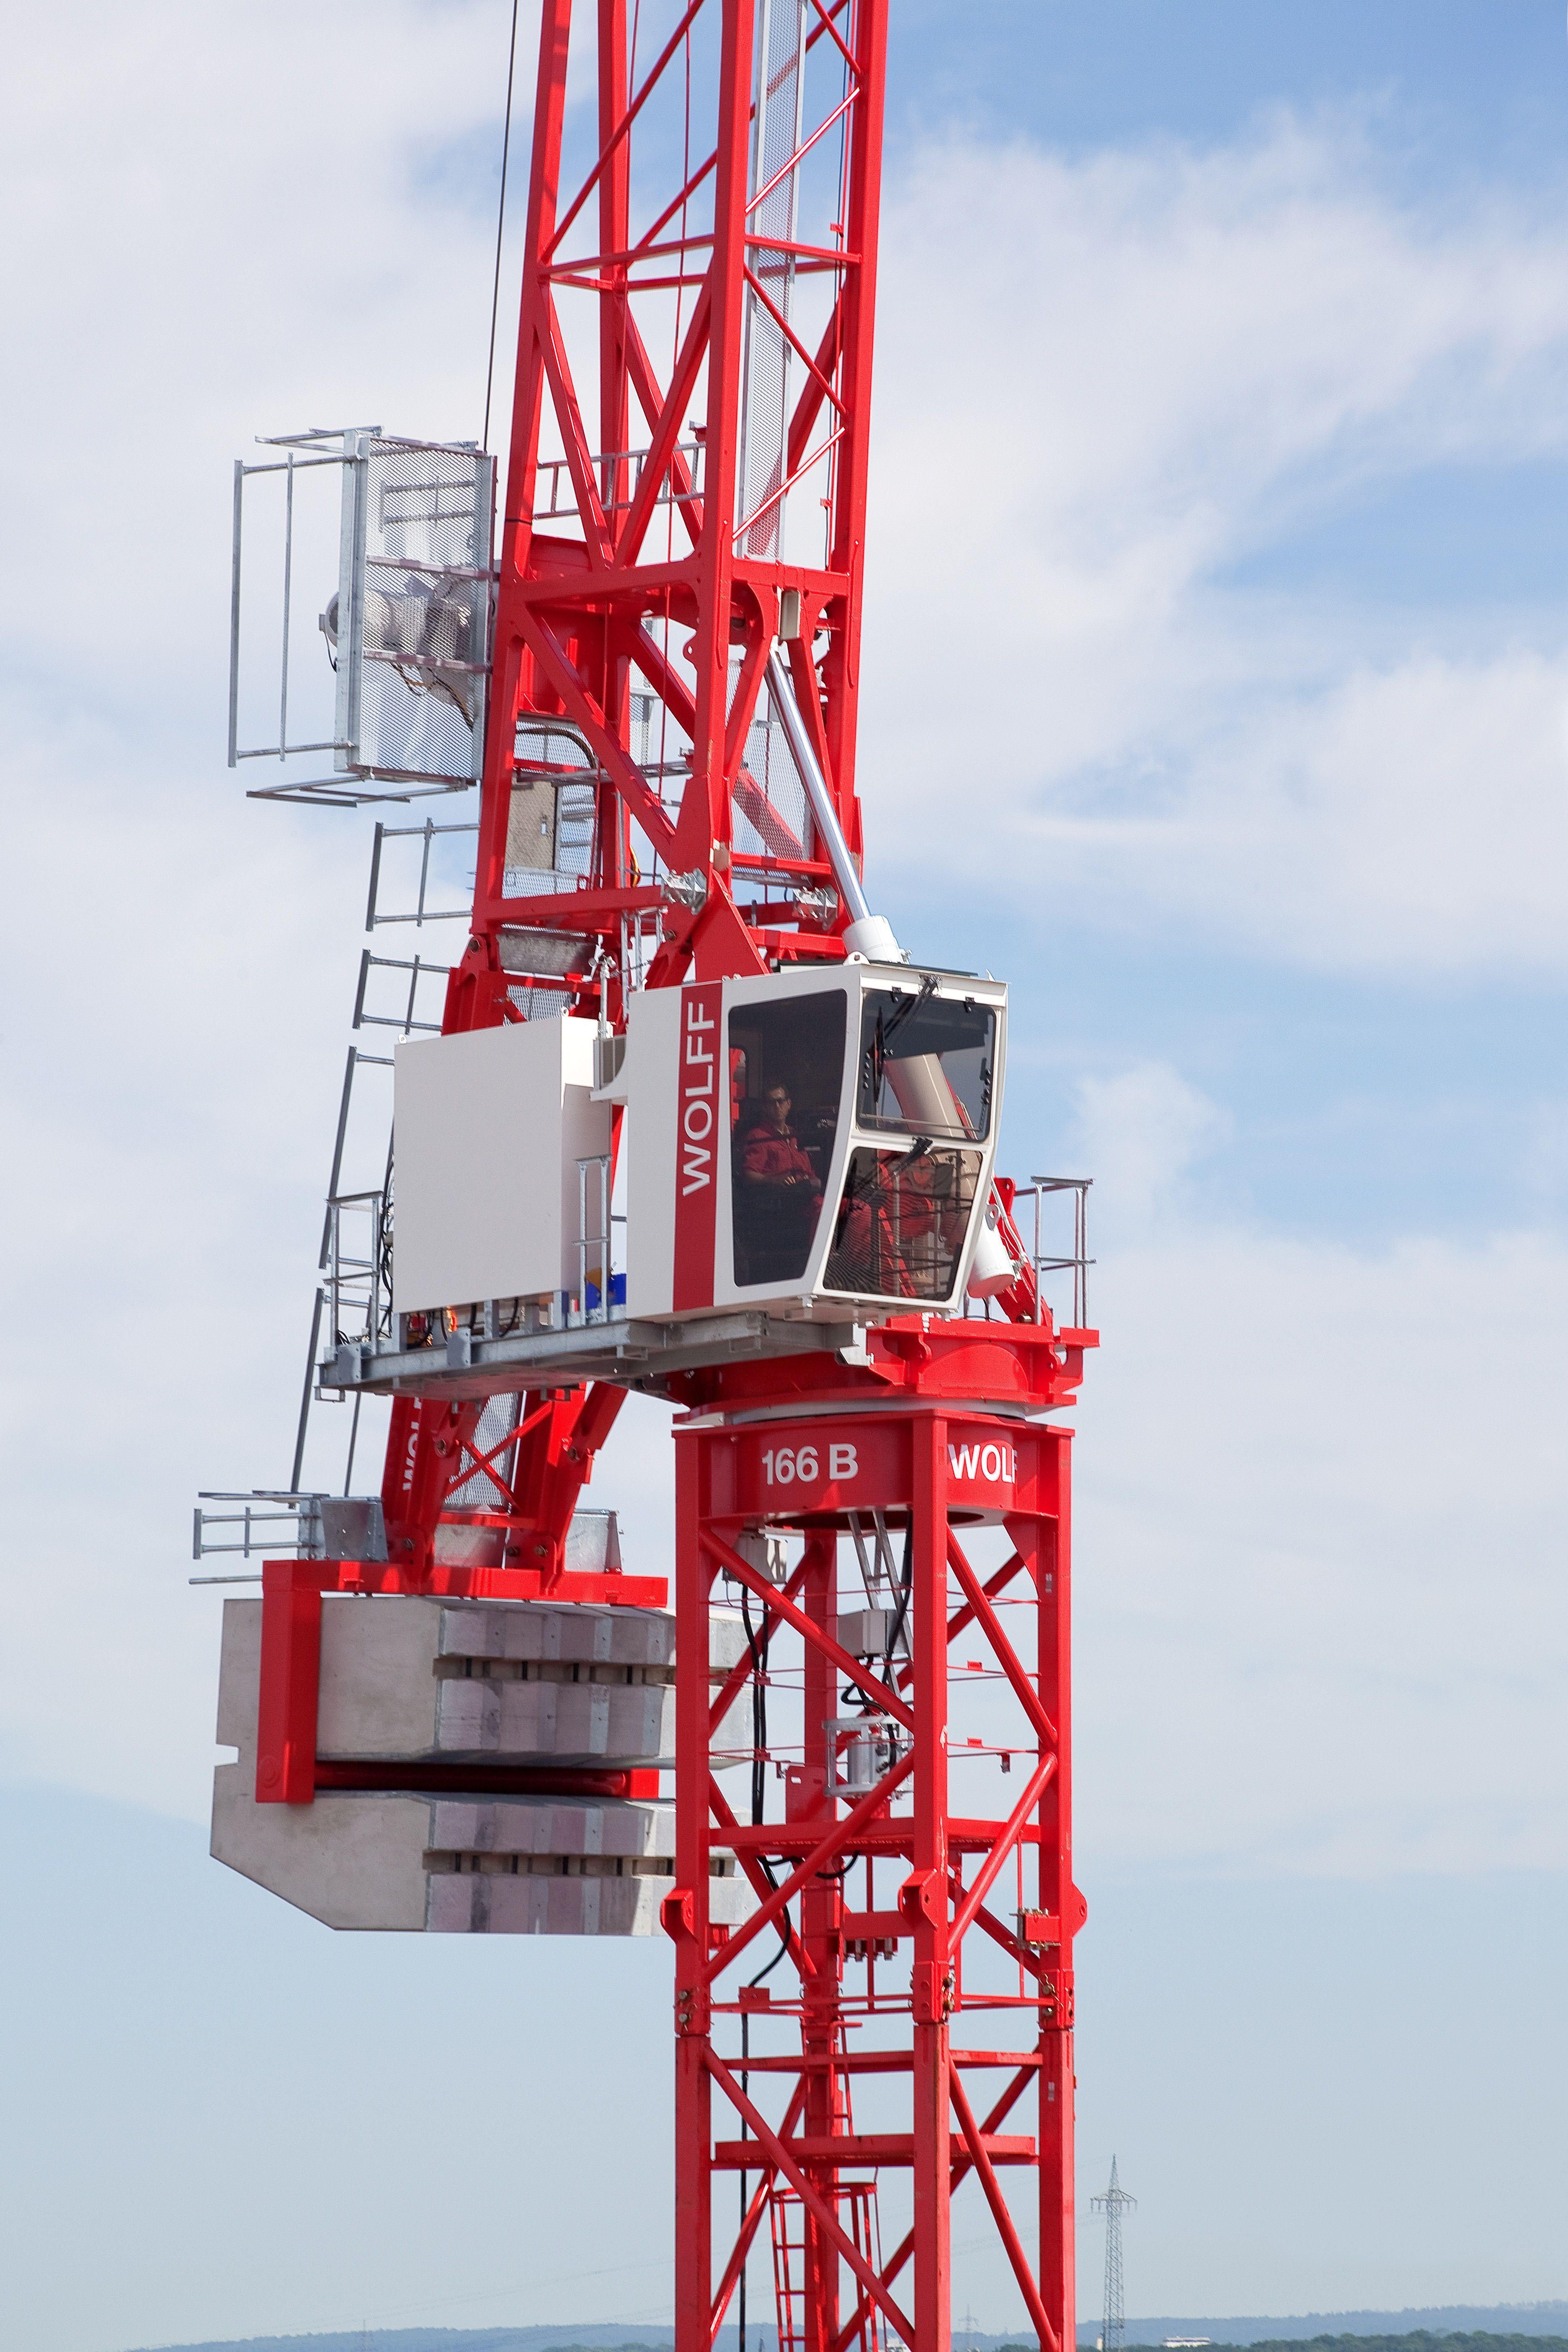 Tower Crane Fails : Wolff b wolffkran bringt mit dem einen